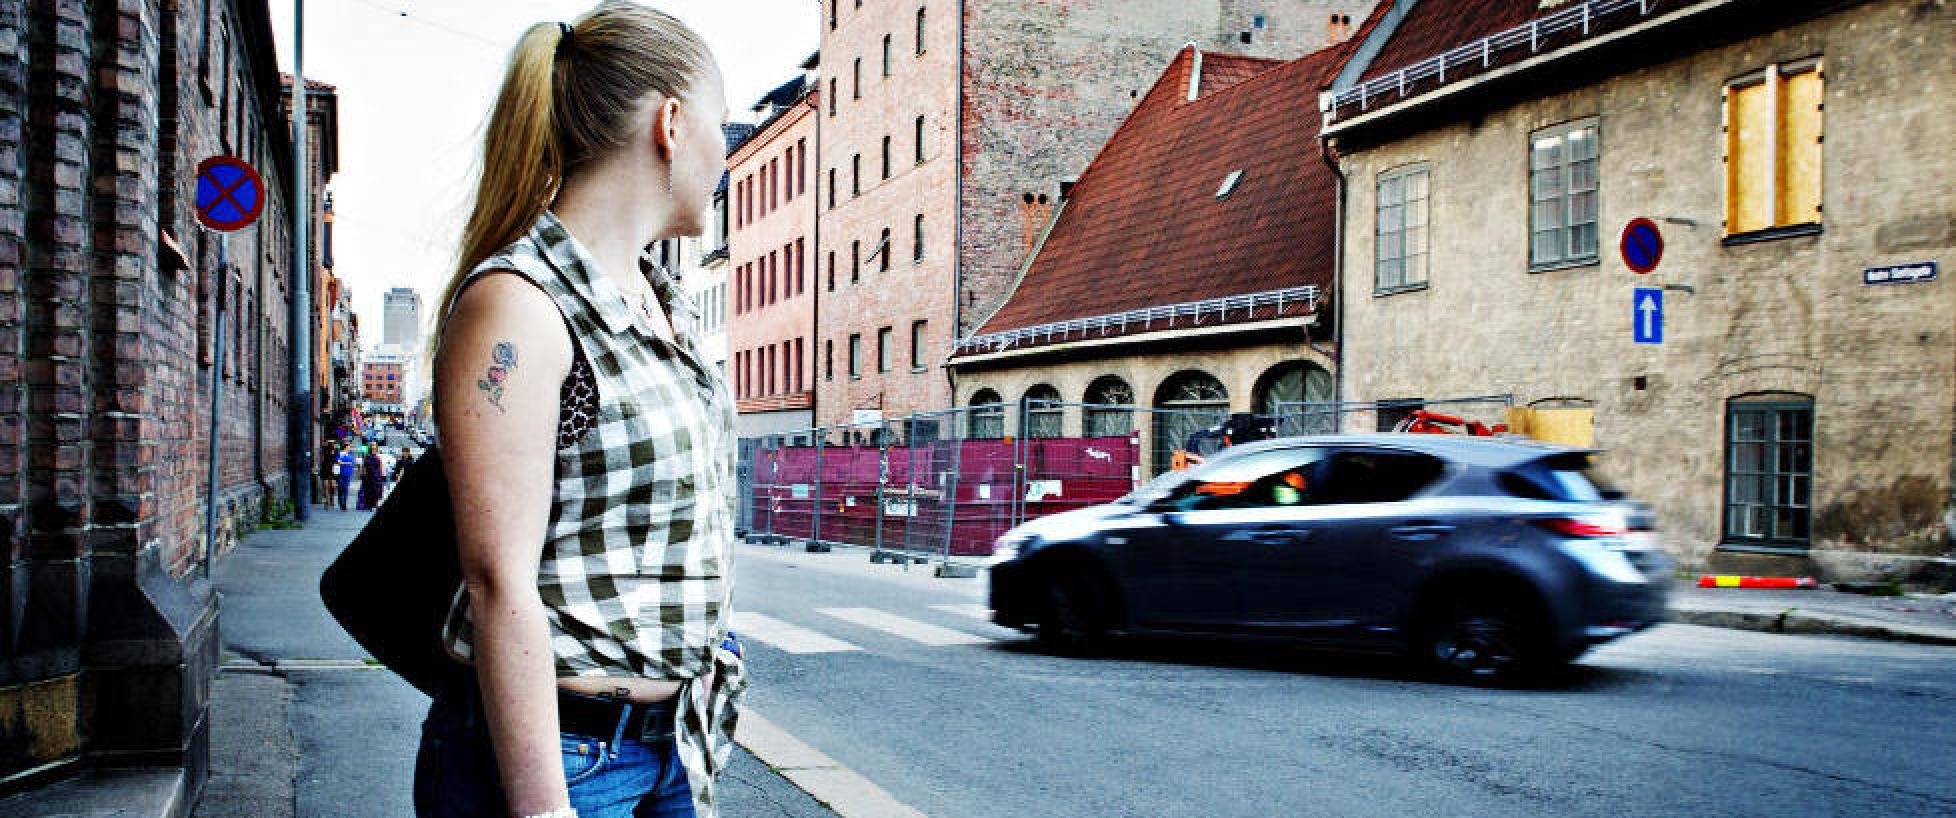 Swingers Porno Nuru Massasje I Oslo